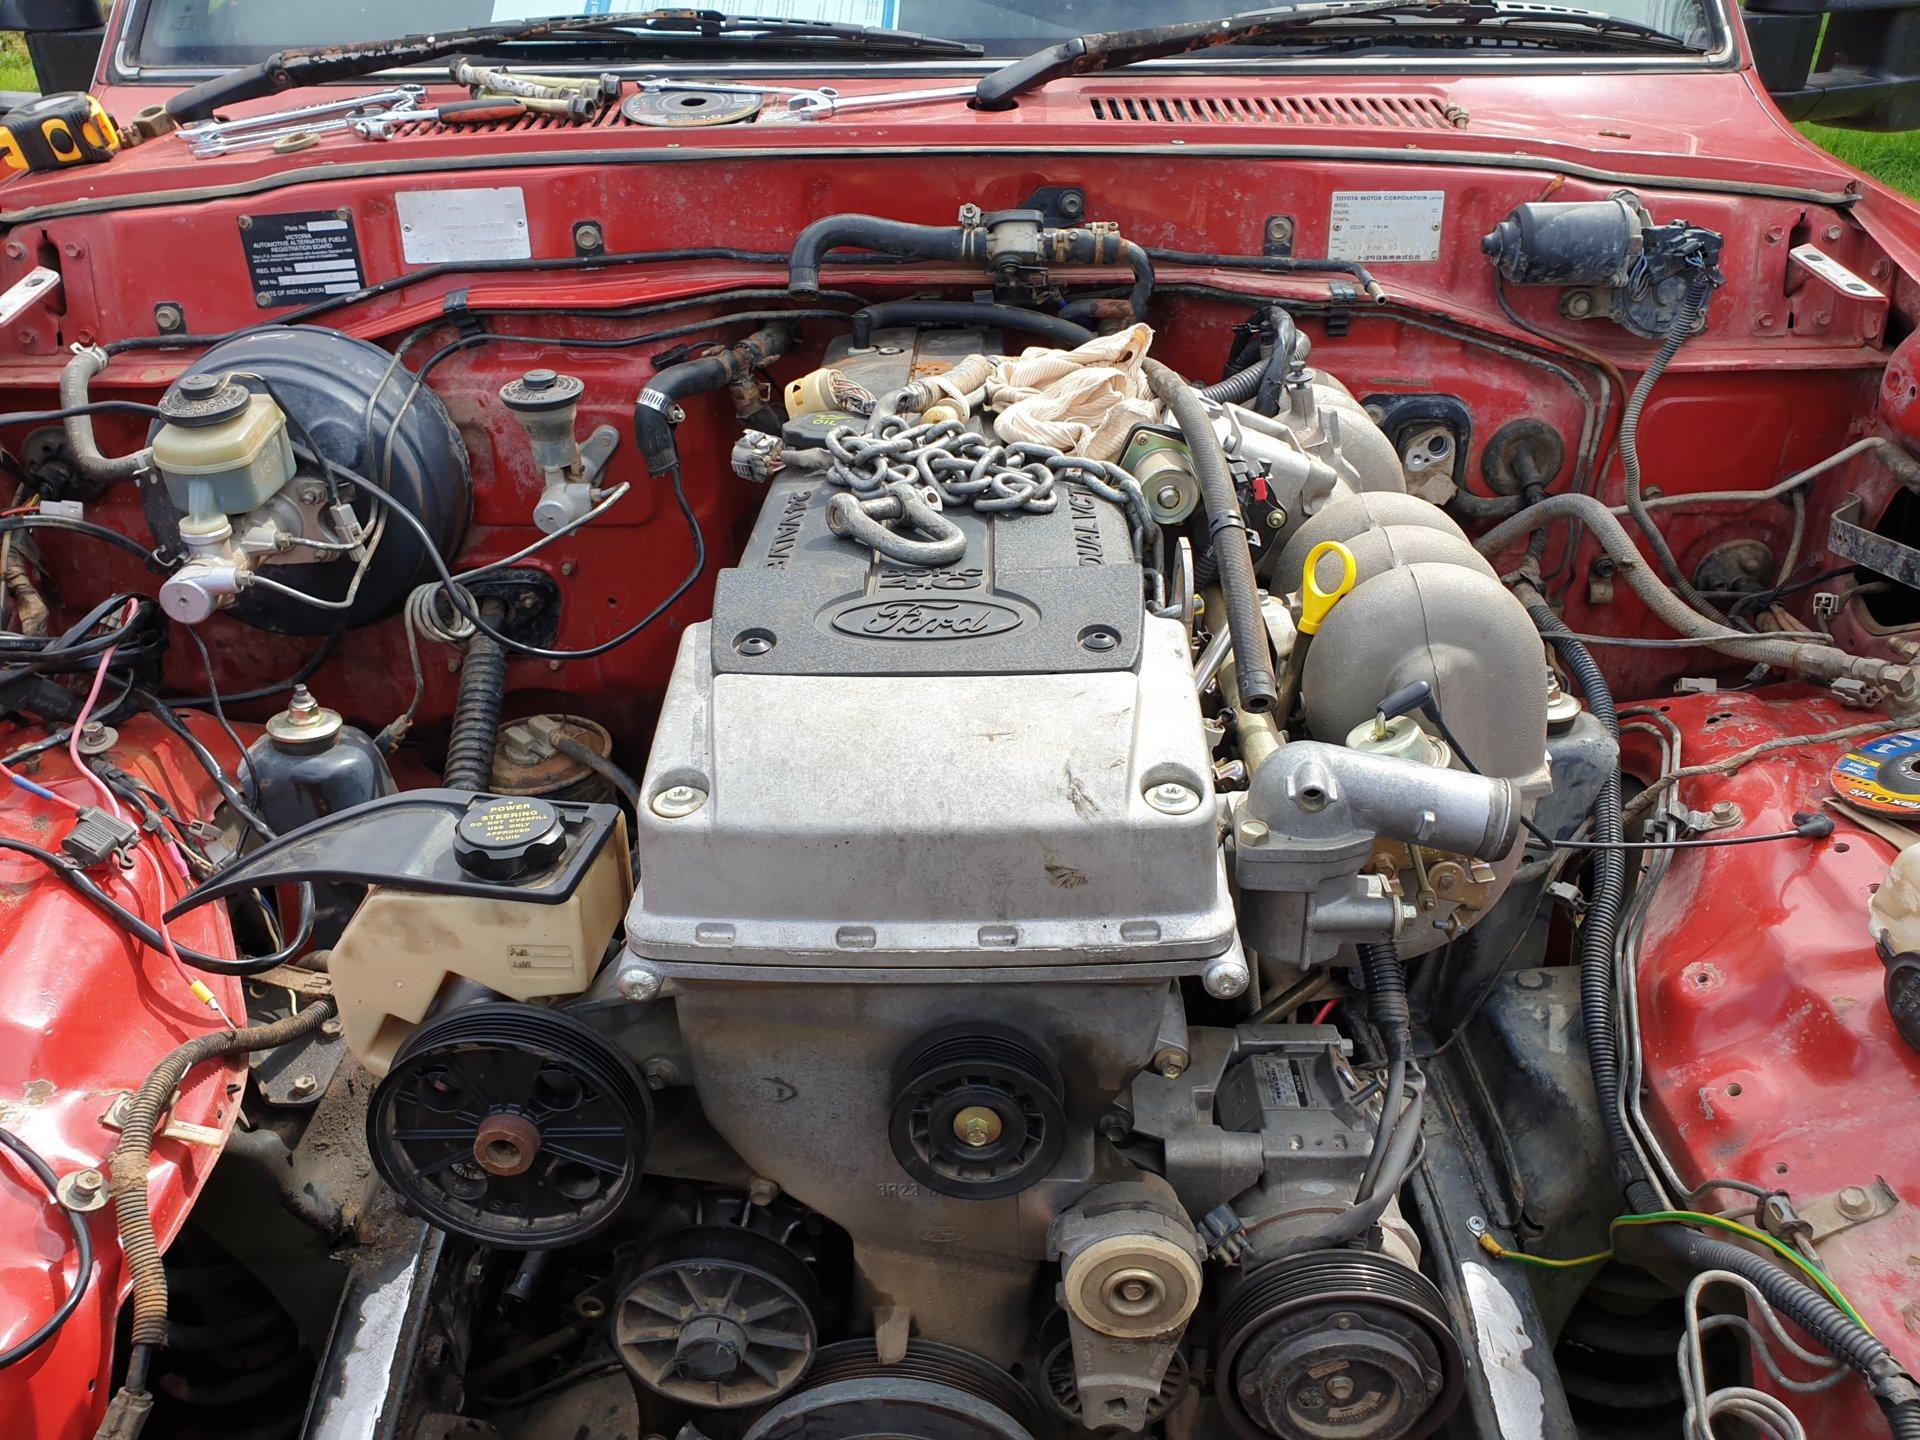 Fordota - FJ80 Ford Barra conversion | IH8MUD Forum